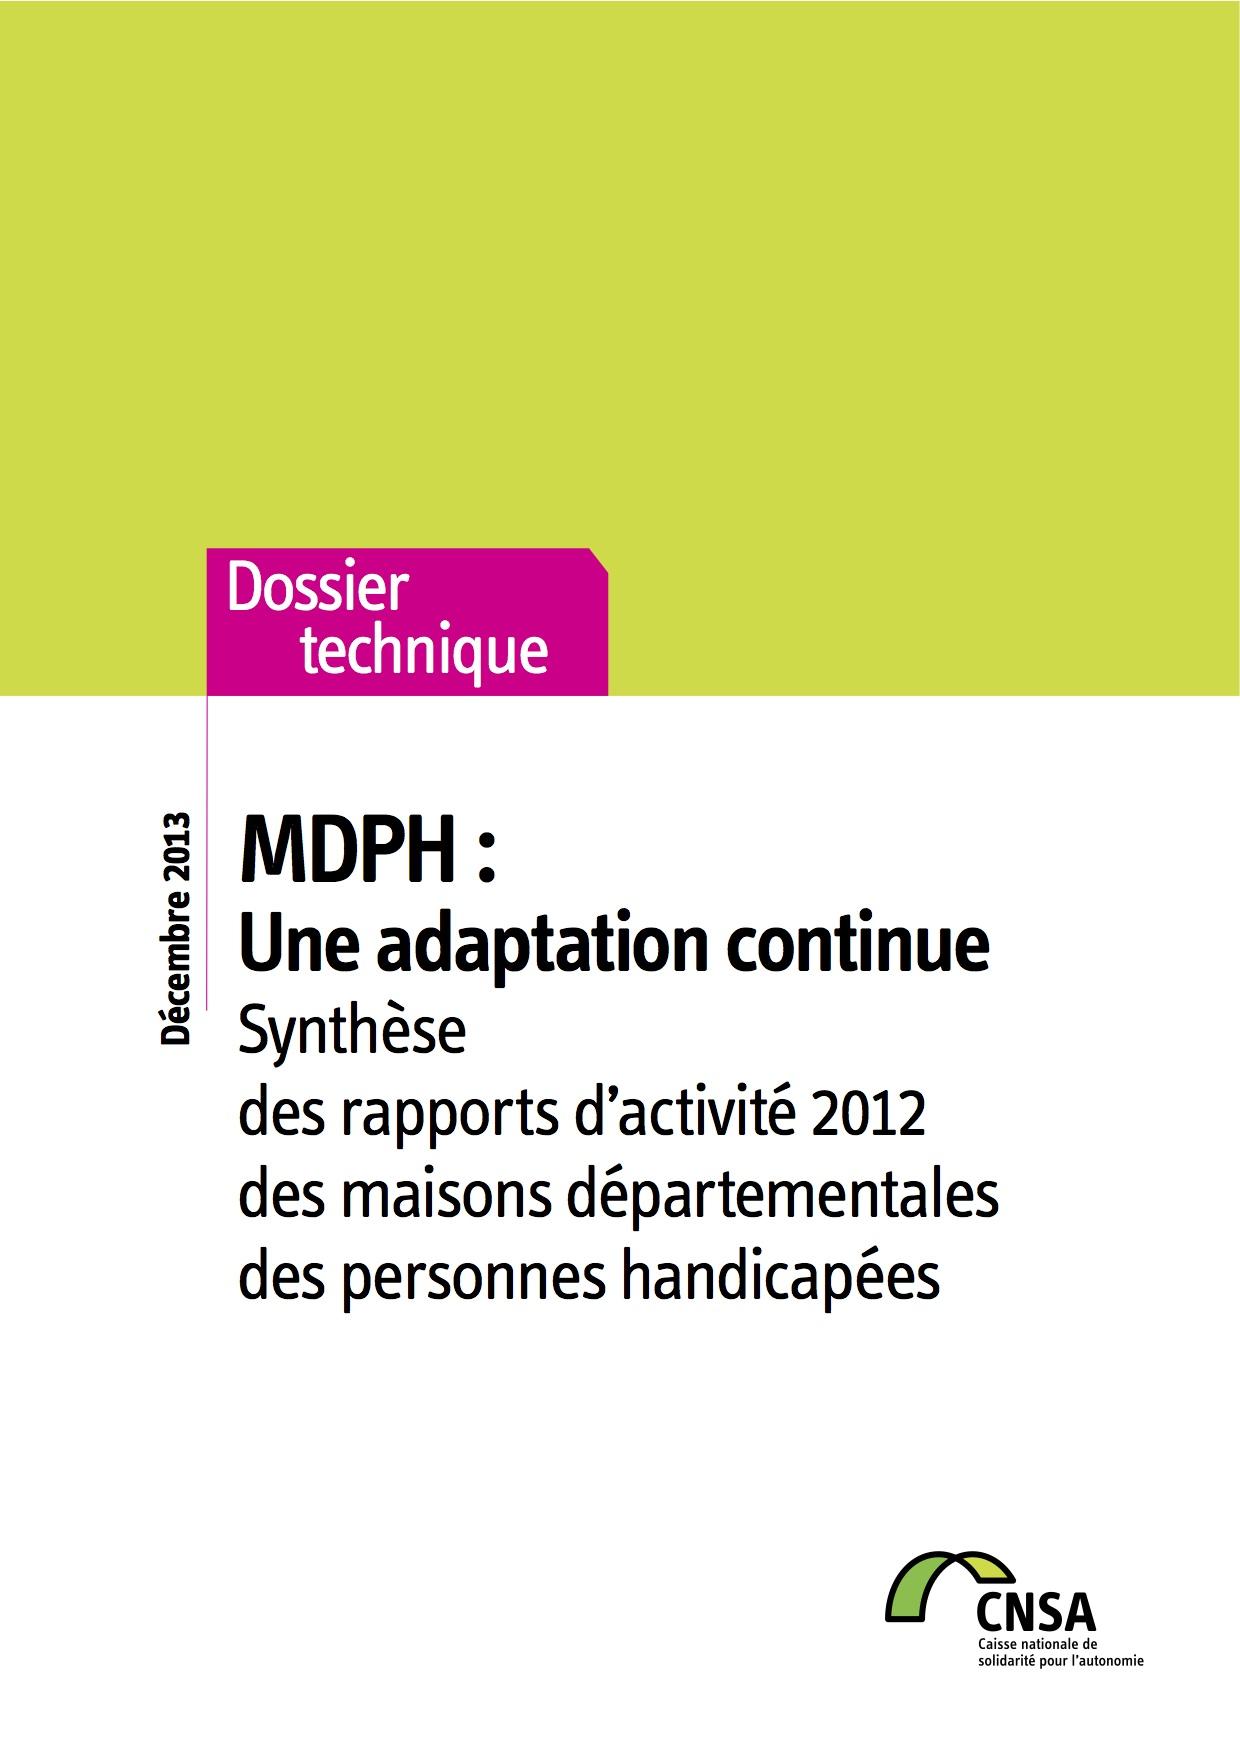 Rapport MDPH 2012 : une adaptation continue (PDF, 3.65 Mo)